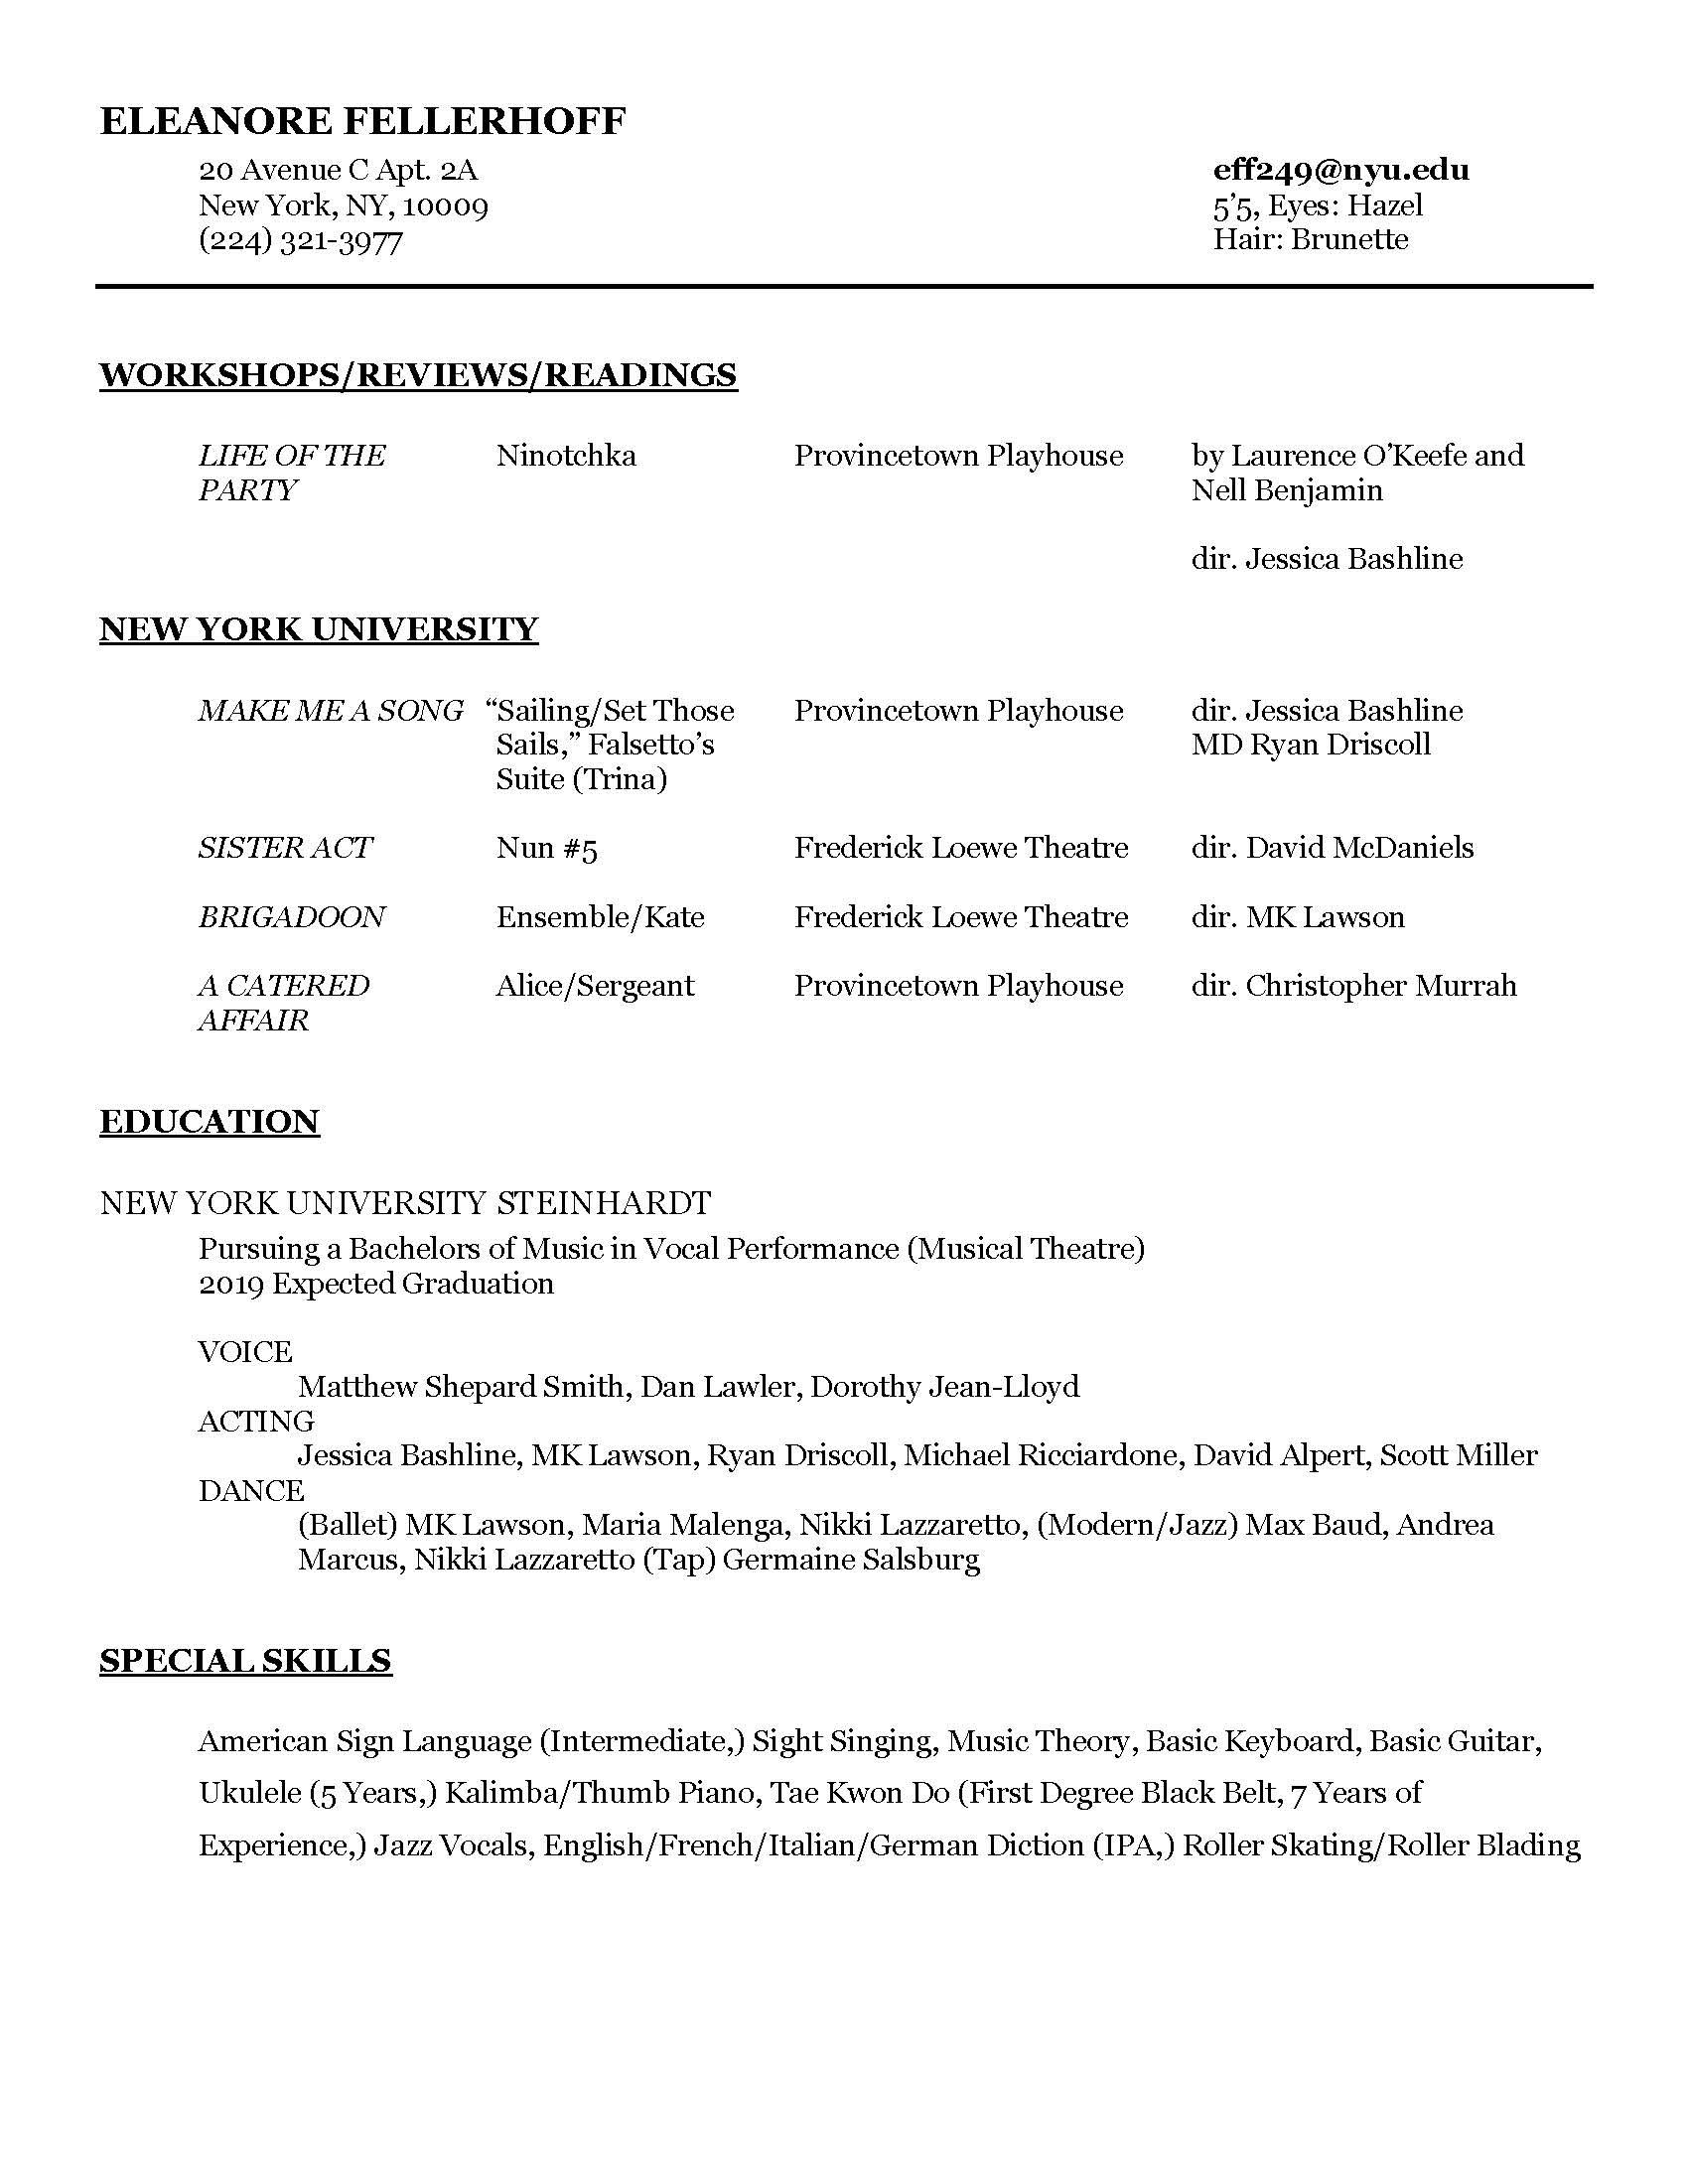 Eleanore_Fellerhoff_Undergraduate_Resume.jpg